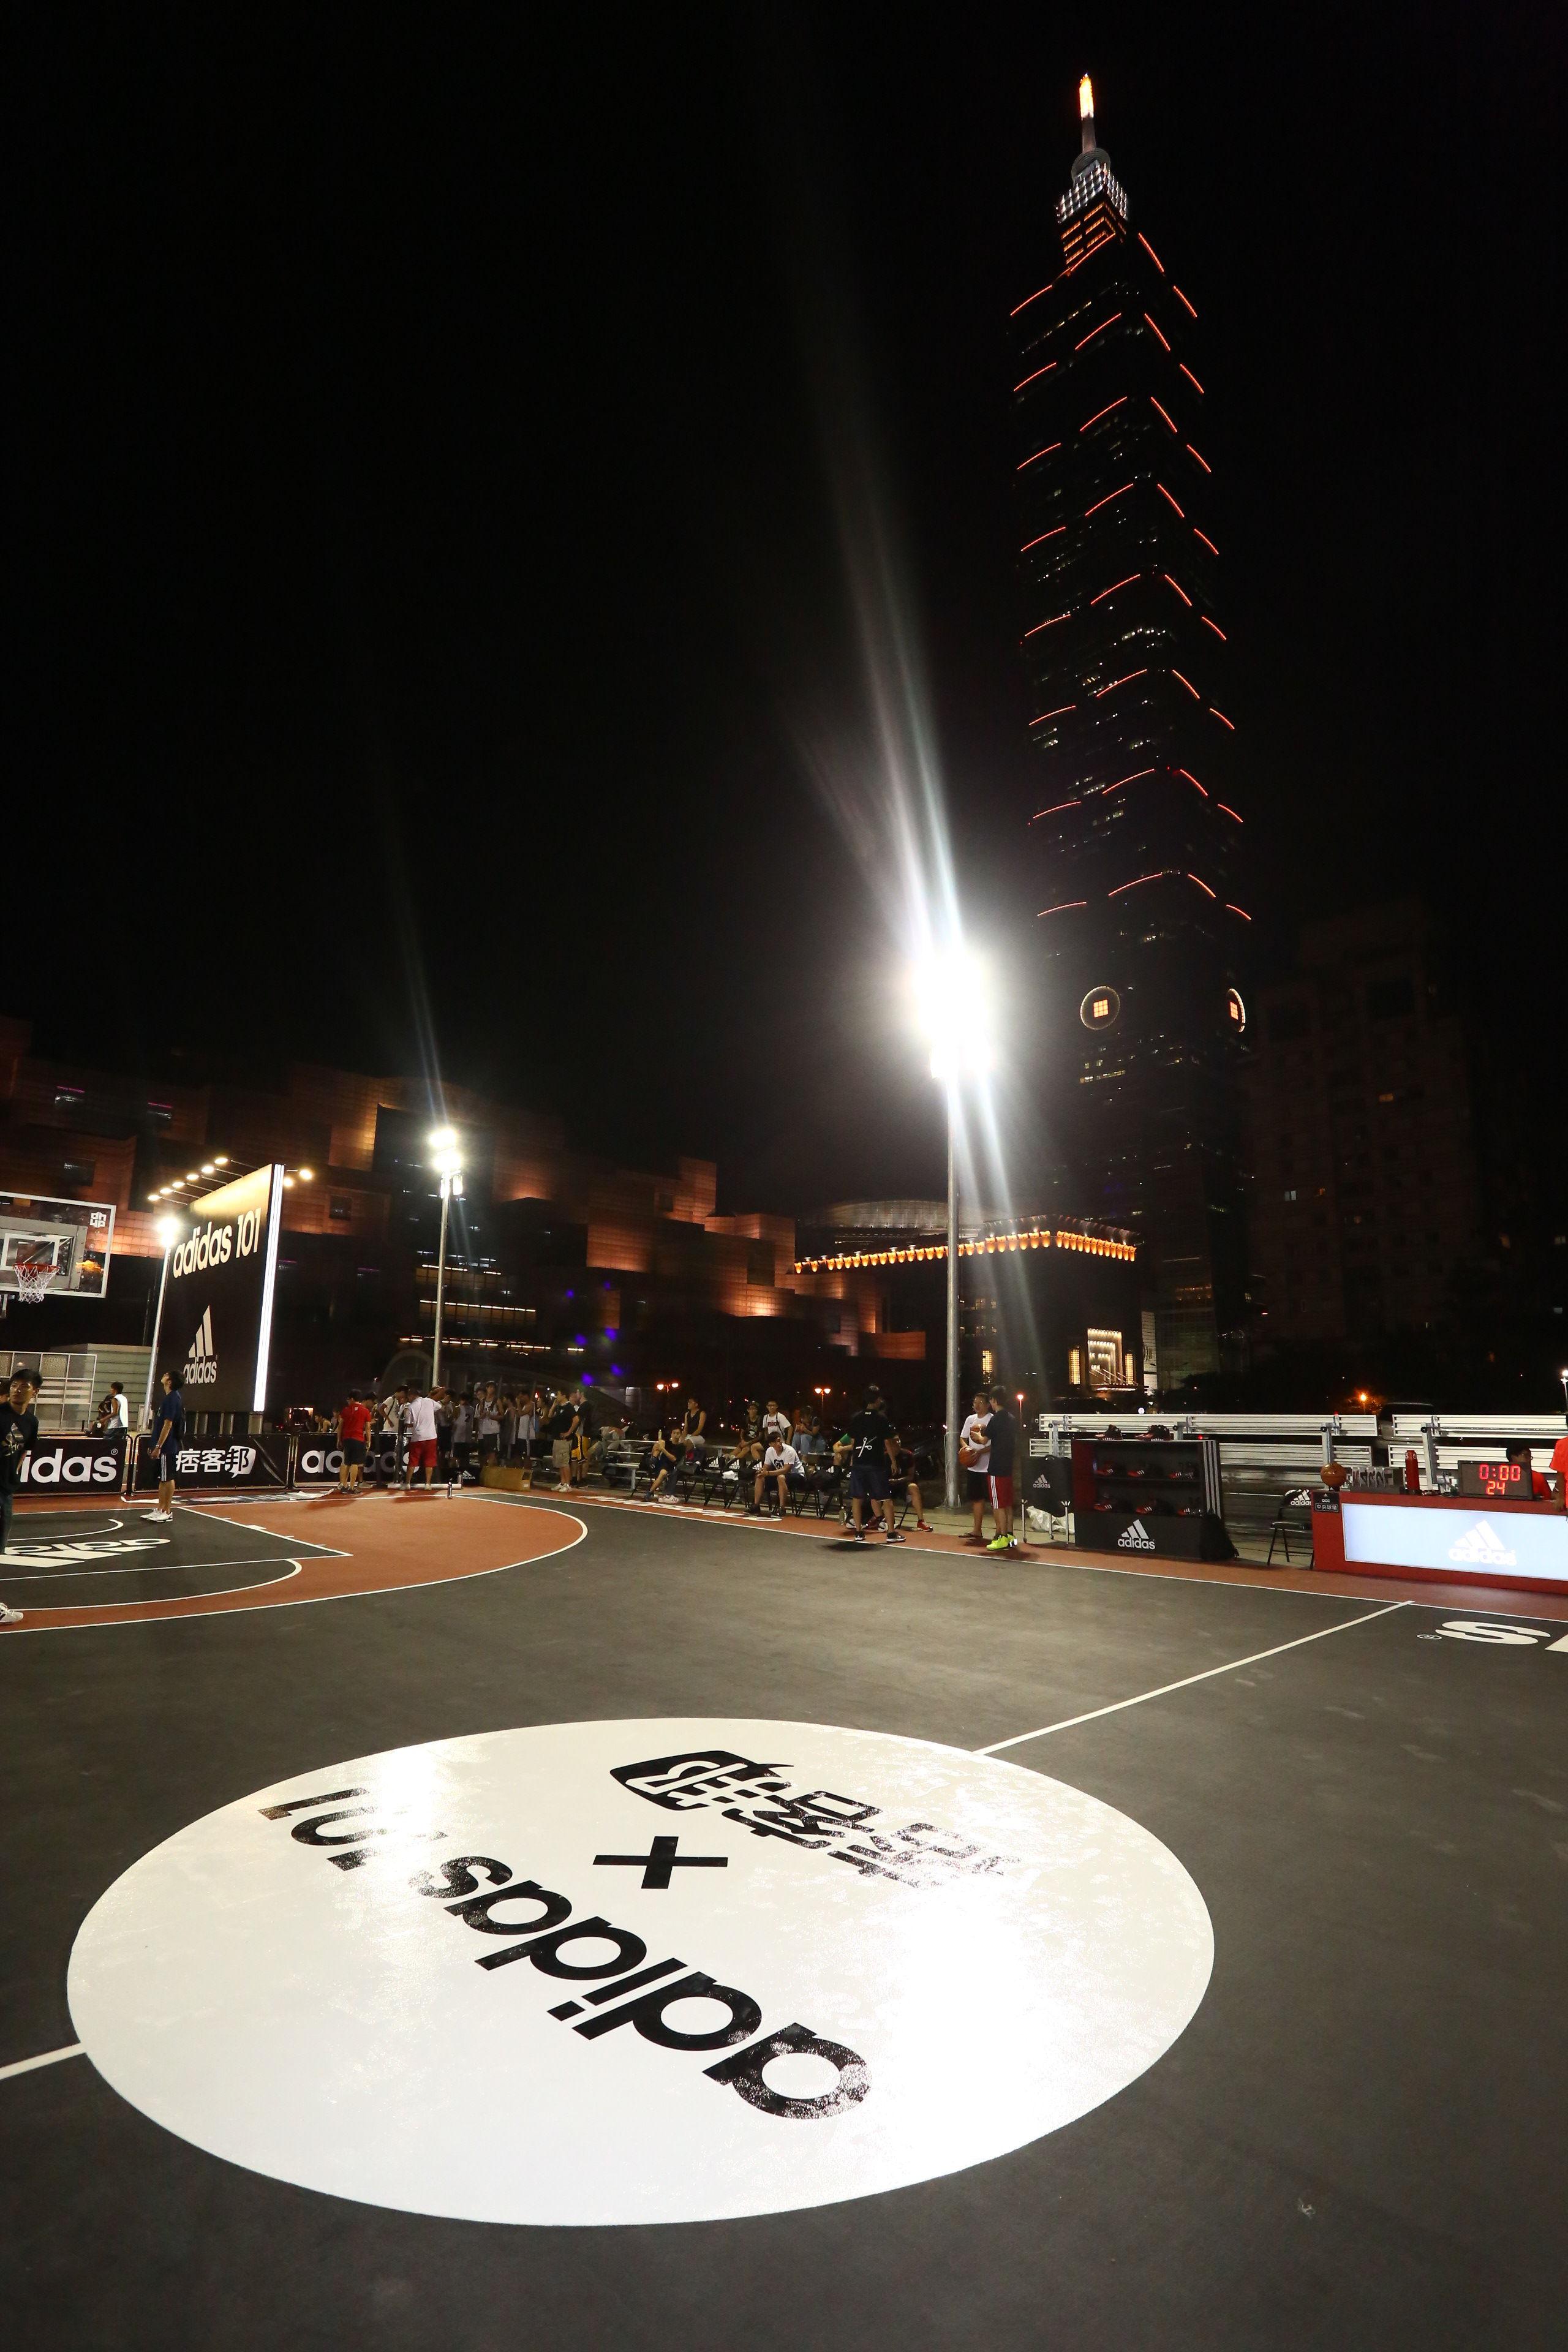 adidas101 x 痞客邦 籃球之夜 (4) 打球之餘可以邊欣賞101夜景